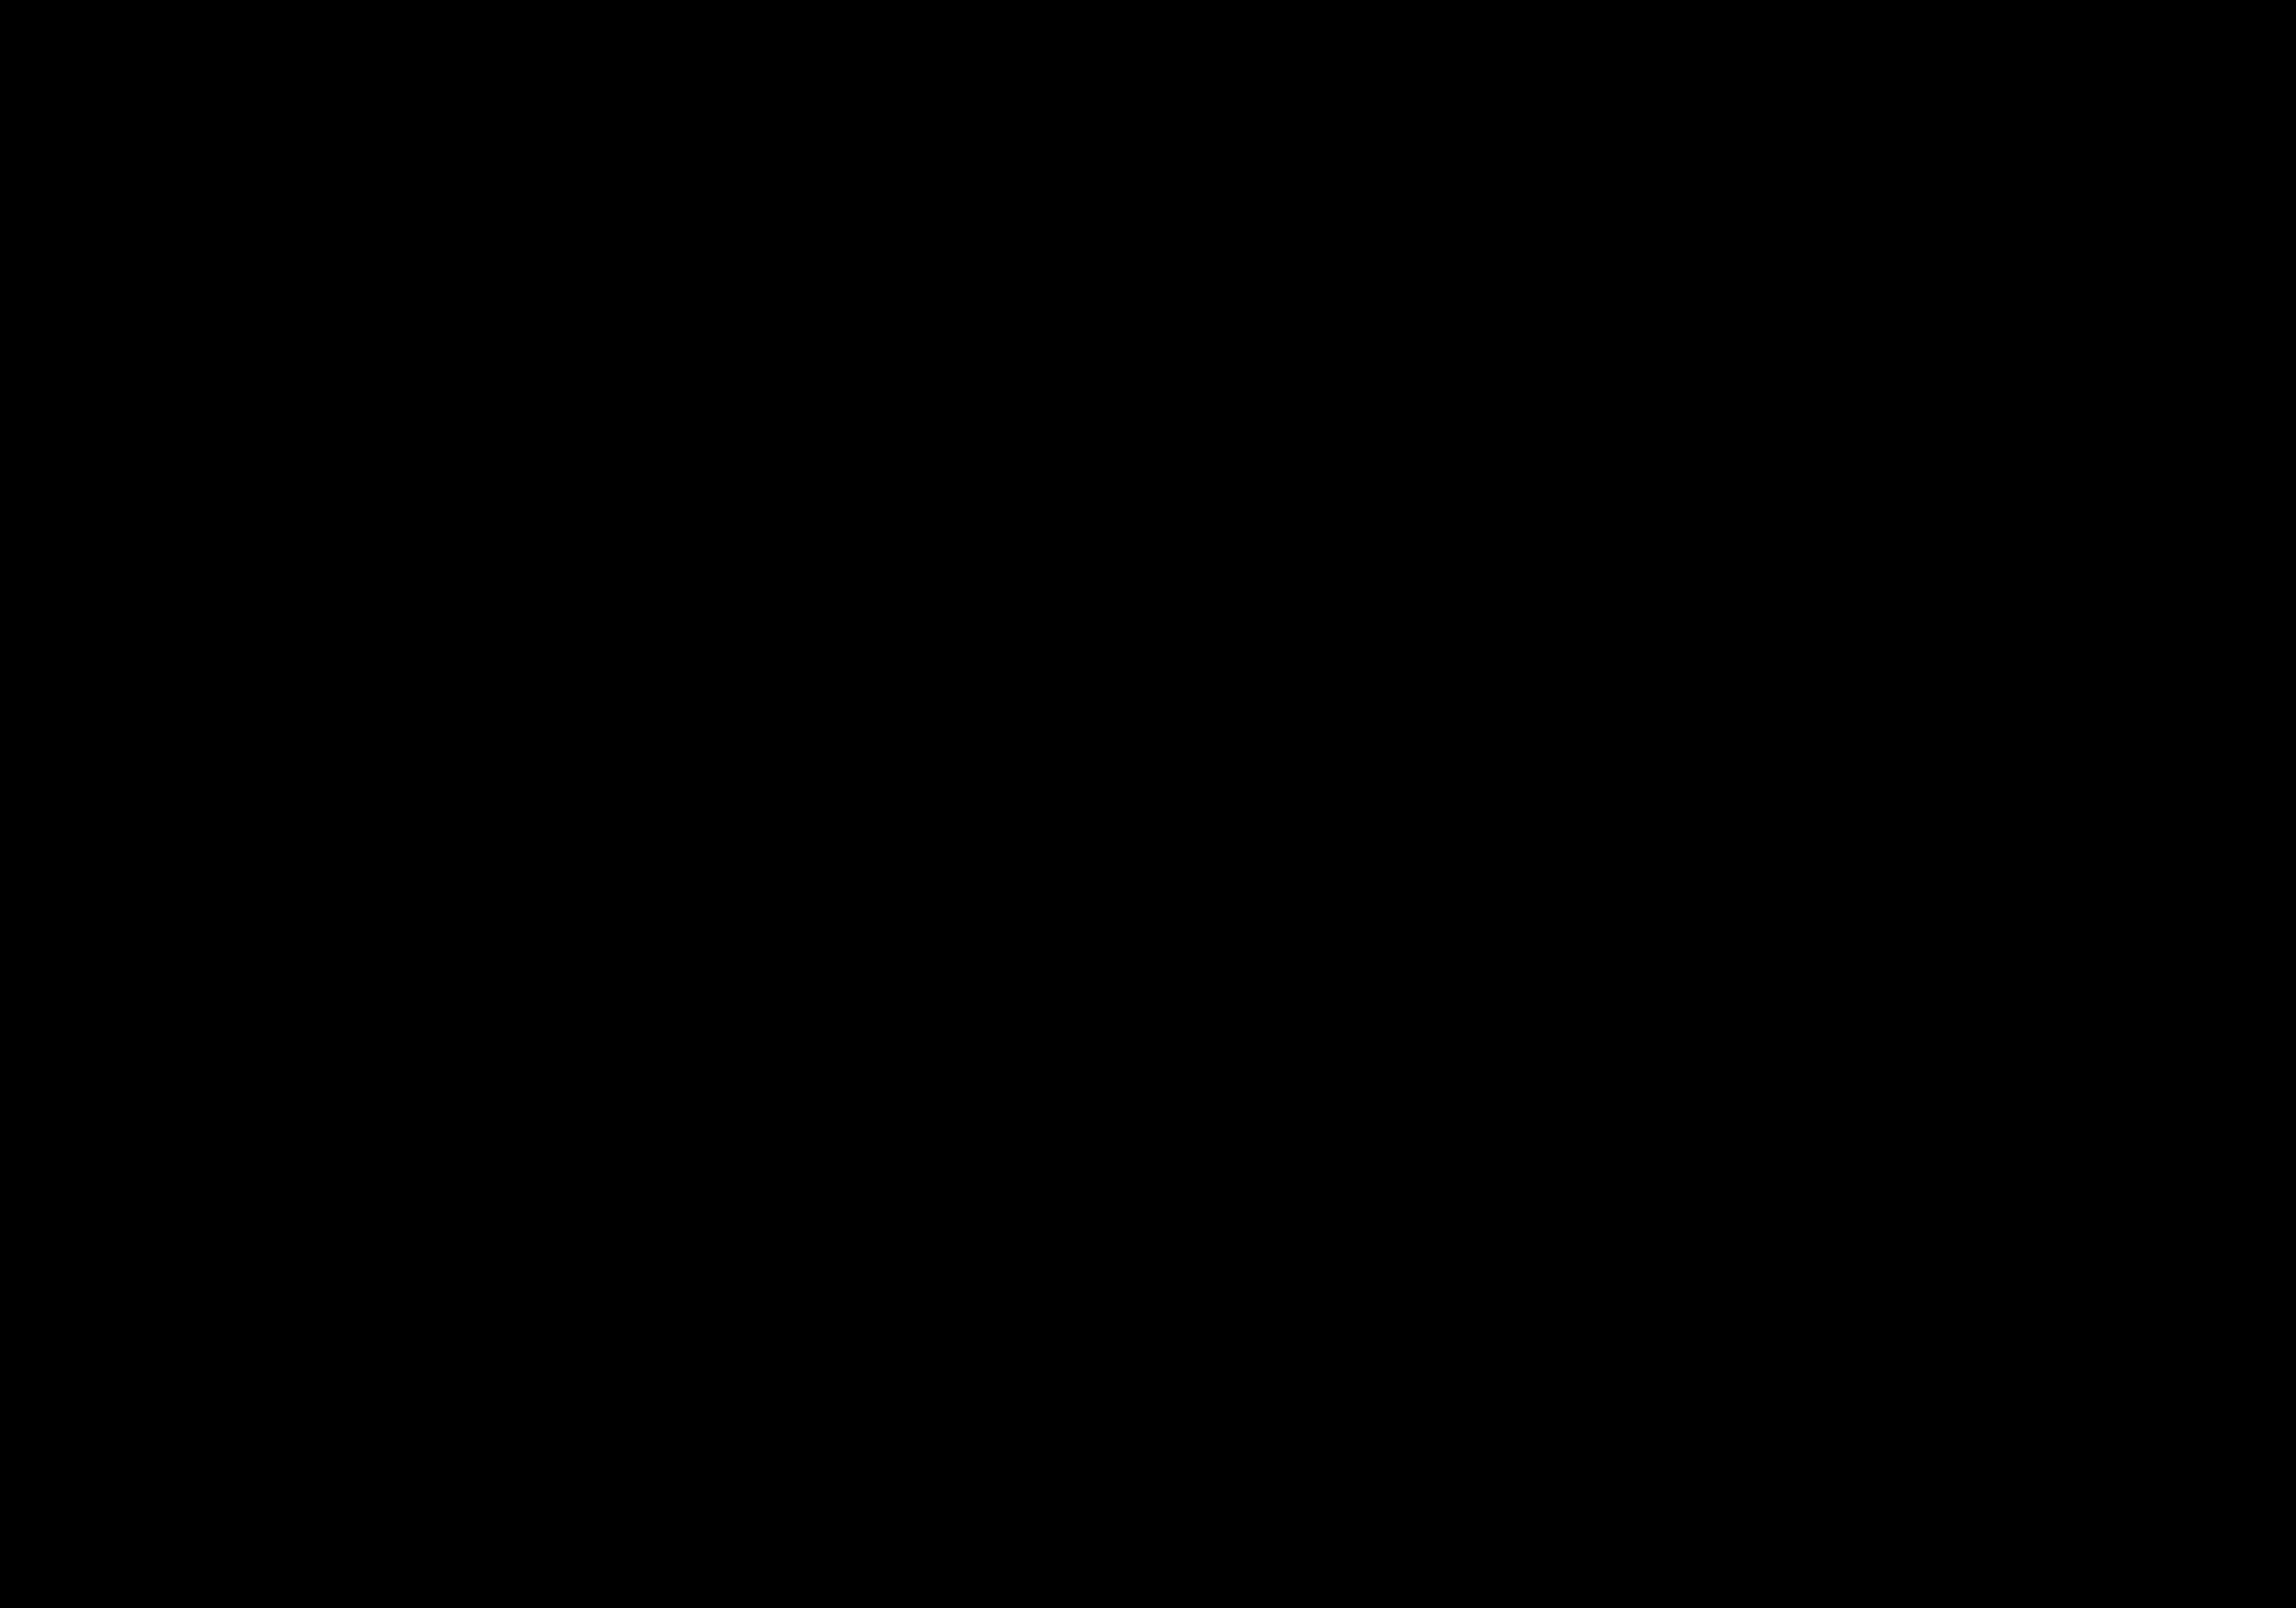 dsc_0950-2